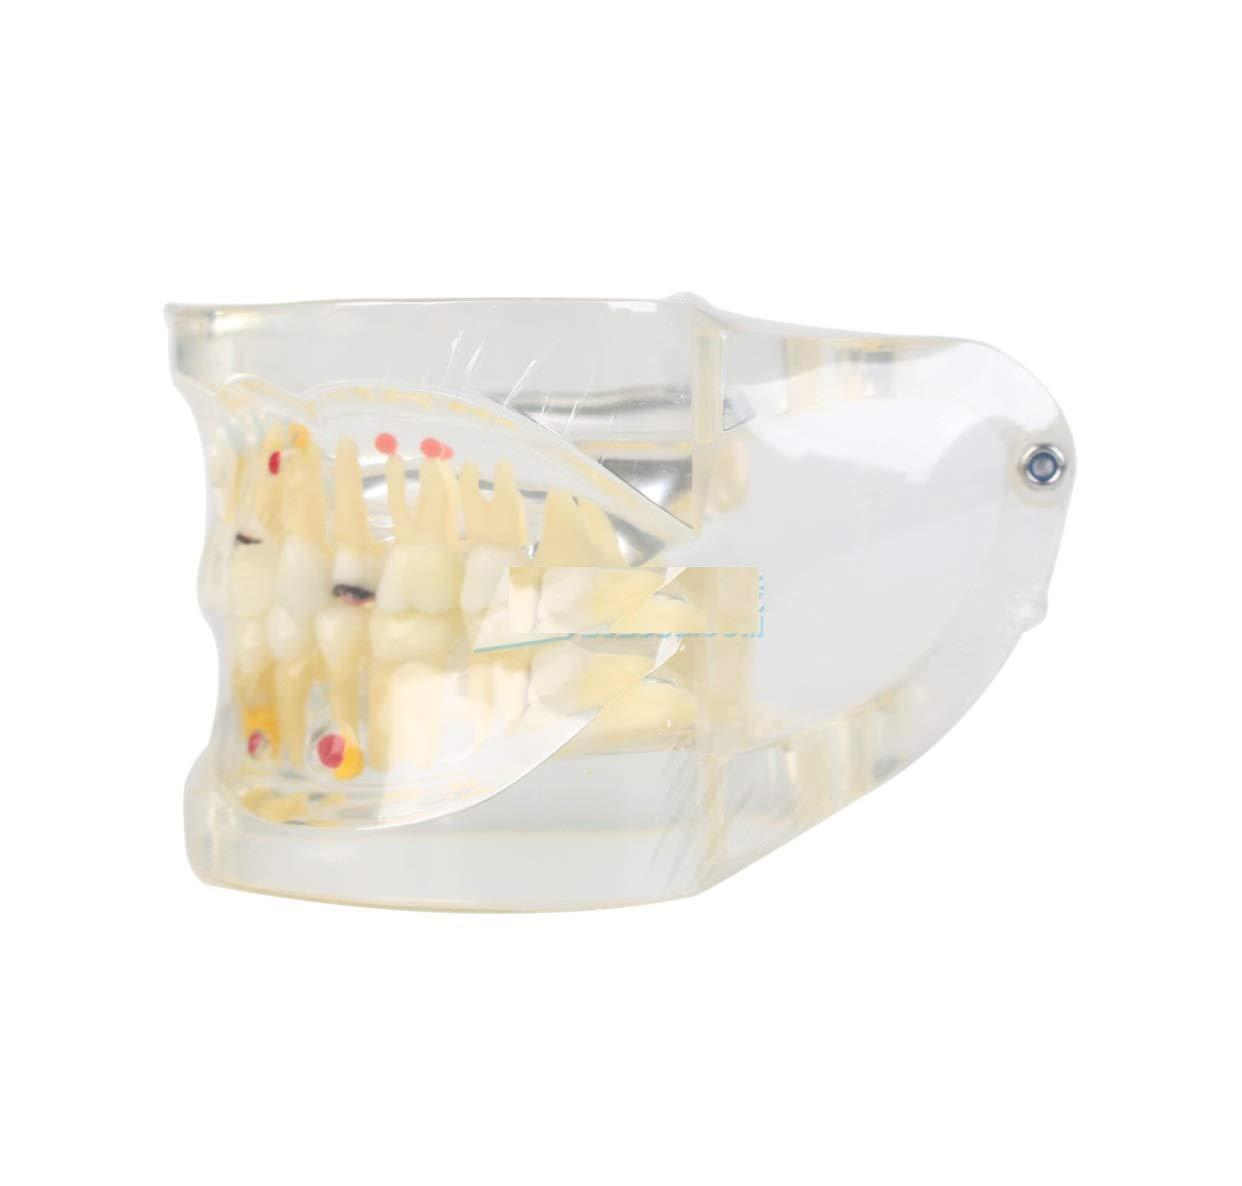 Dental XingXing Pathological repair model A4019